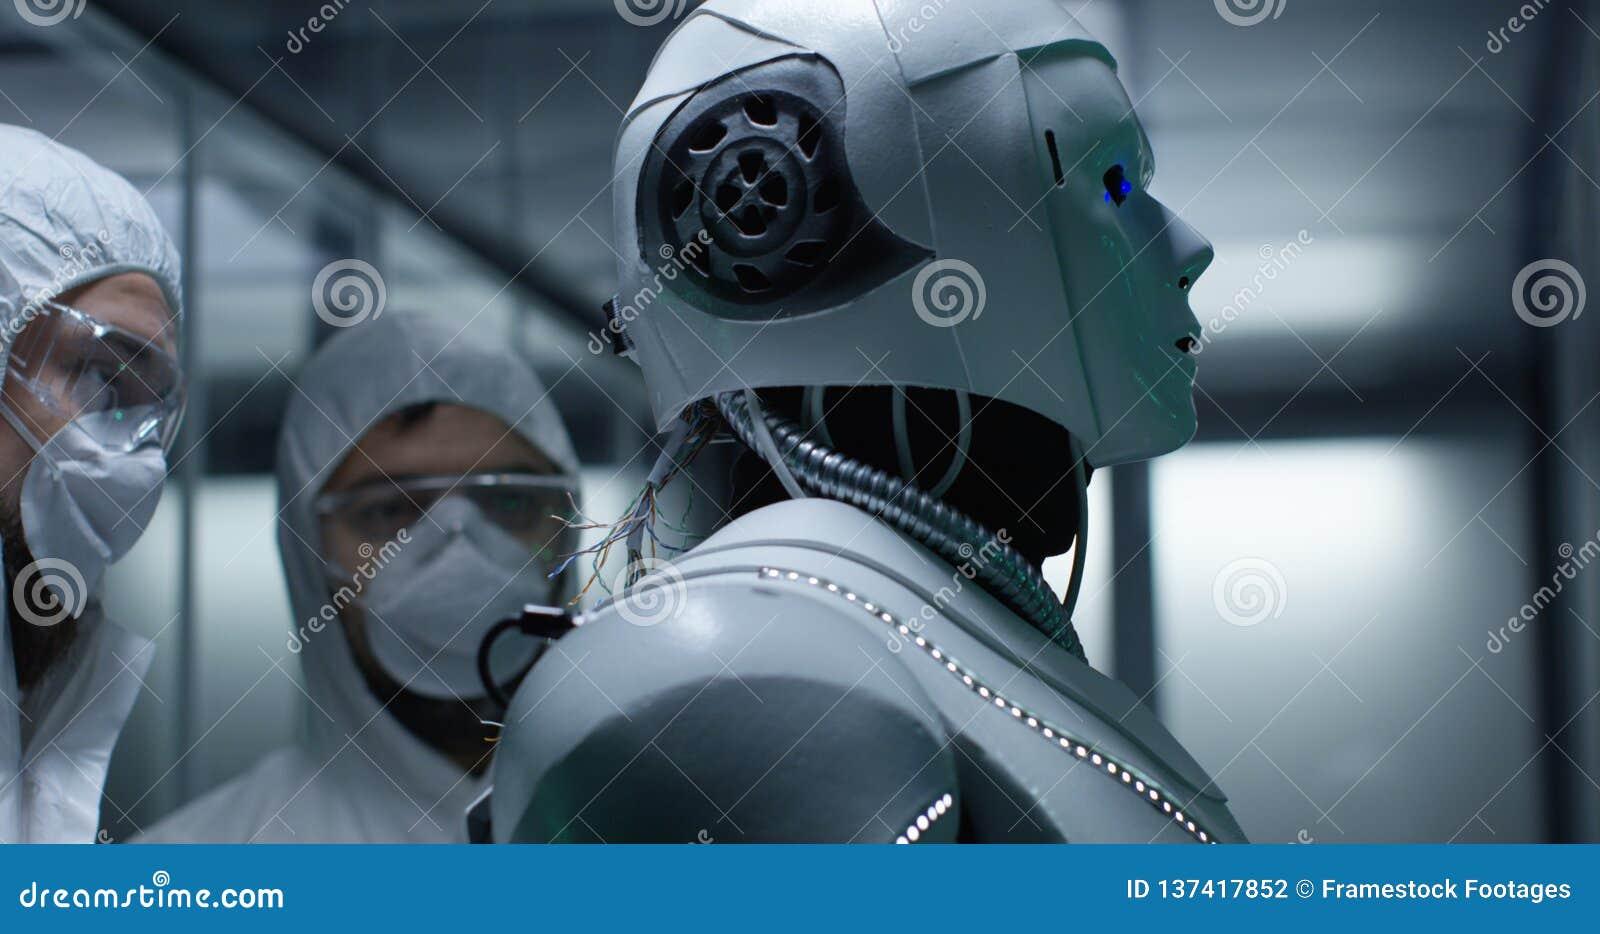 Fios da fixação do coordenador no controle do robô